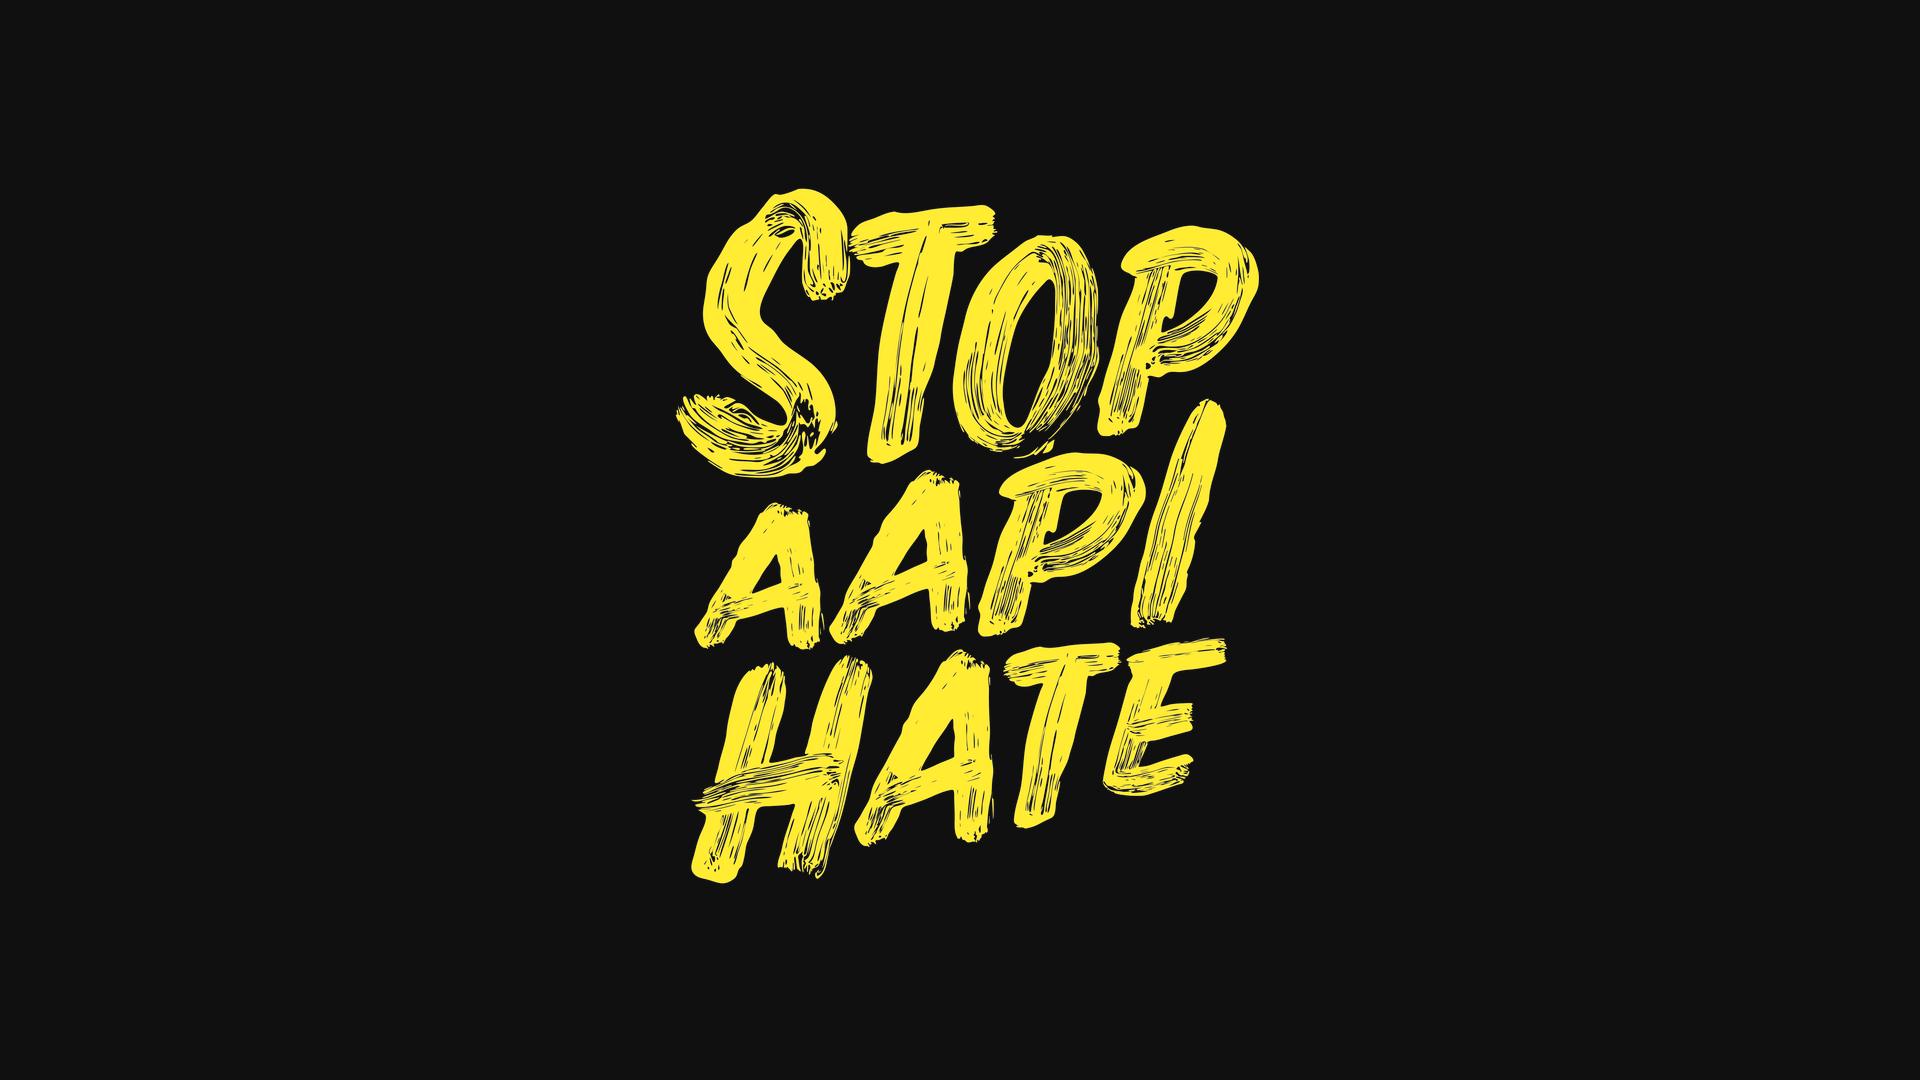 停止亚洲仇恨支持信